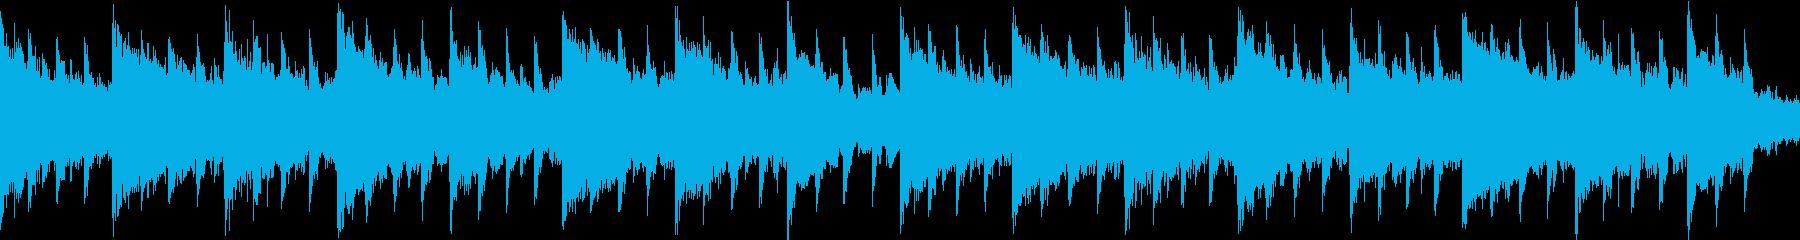 キラキラかわいいベルピアノバラードの再生済みの波形